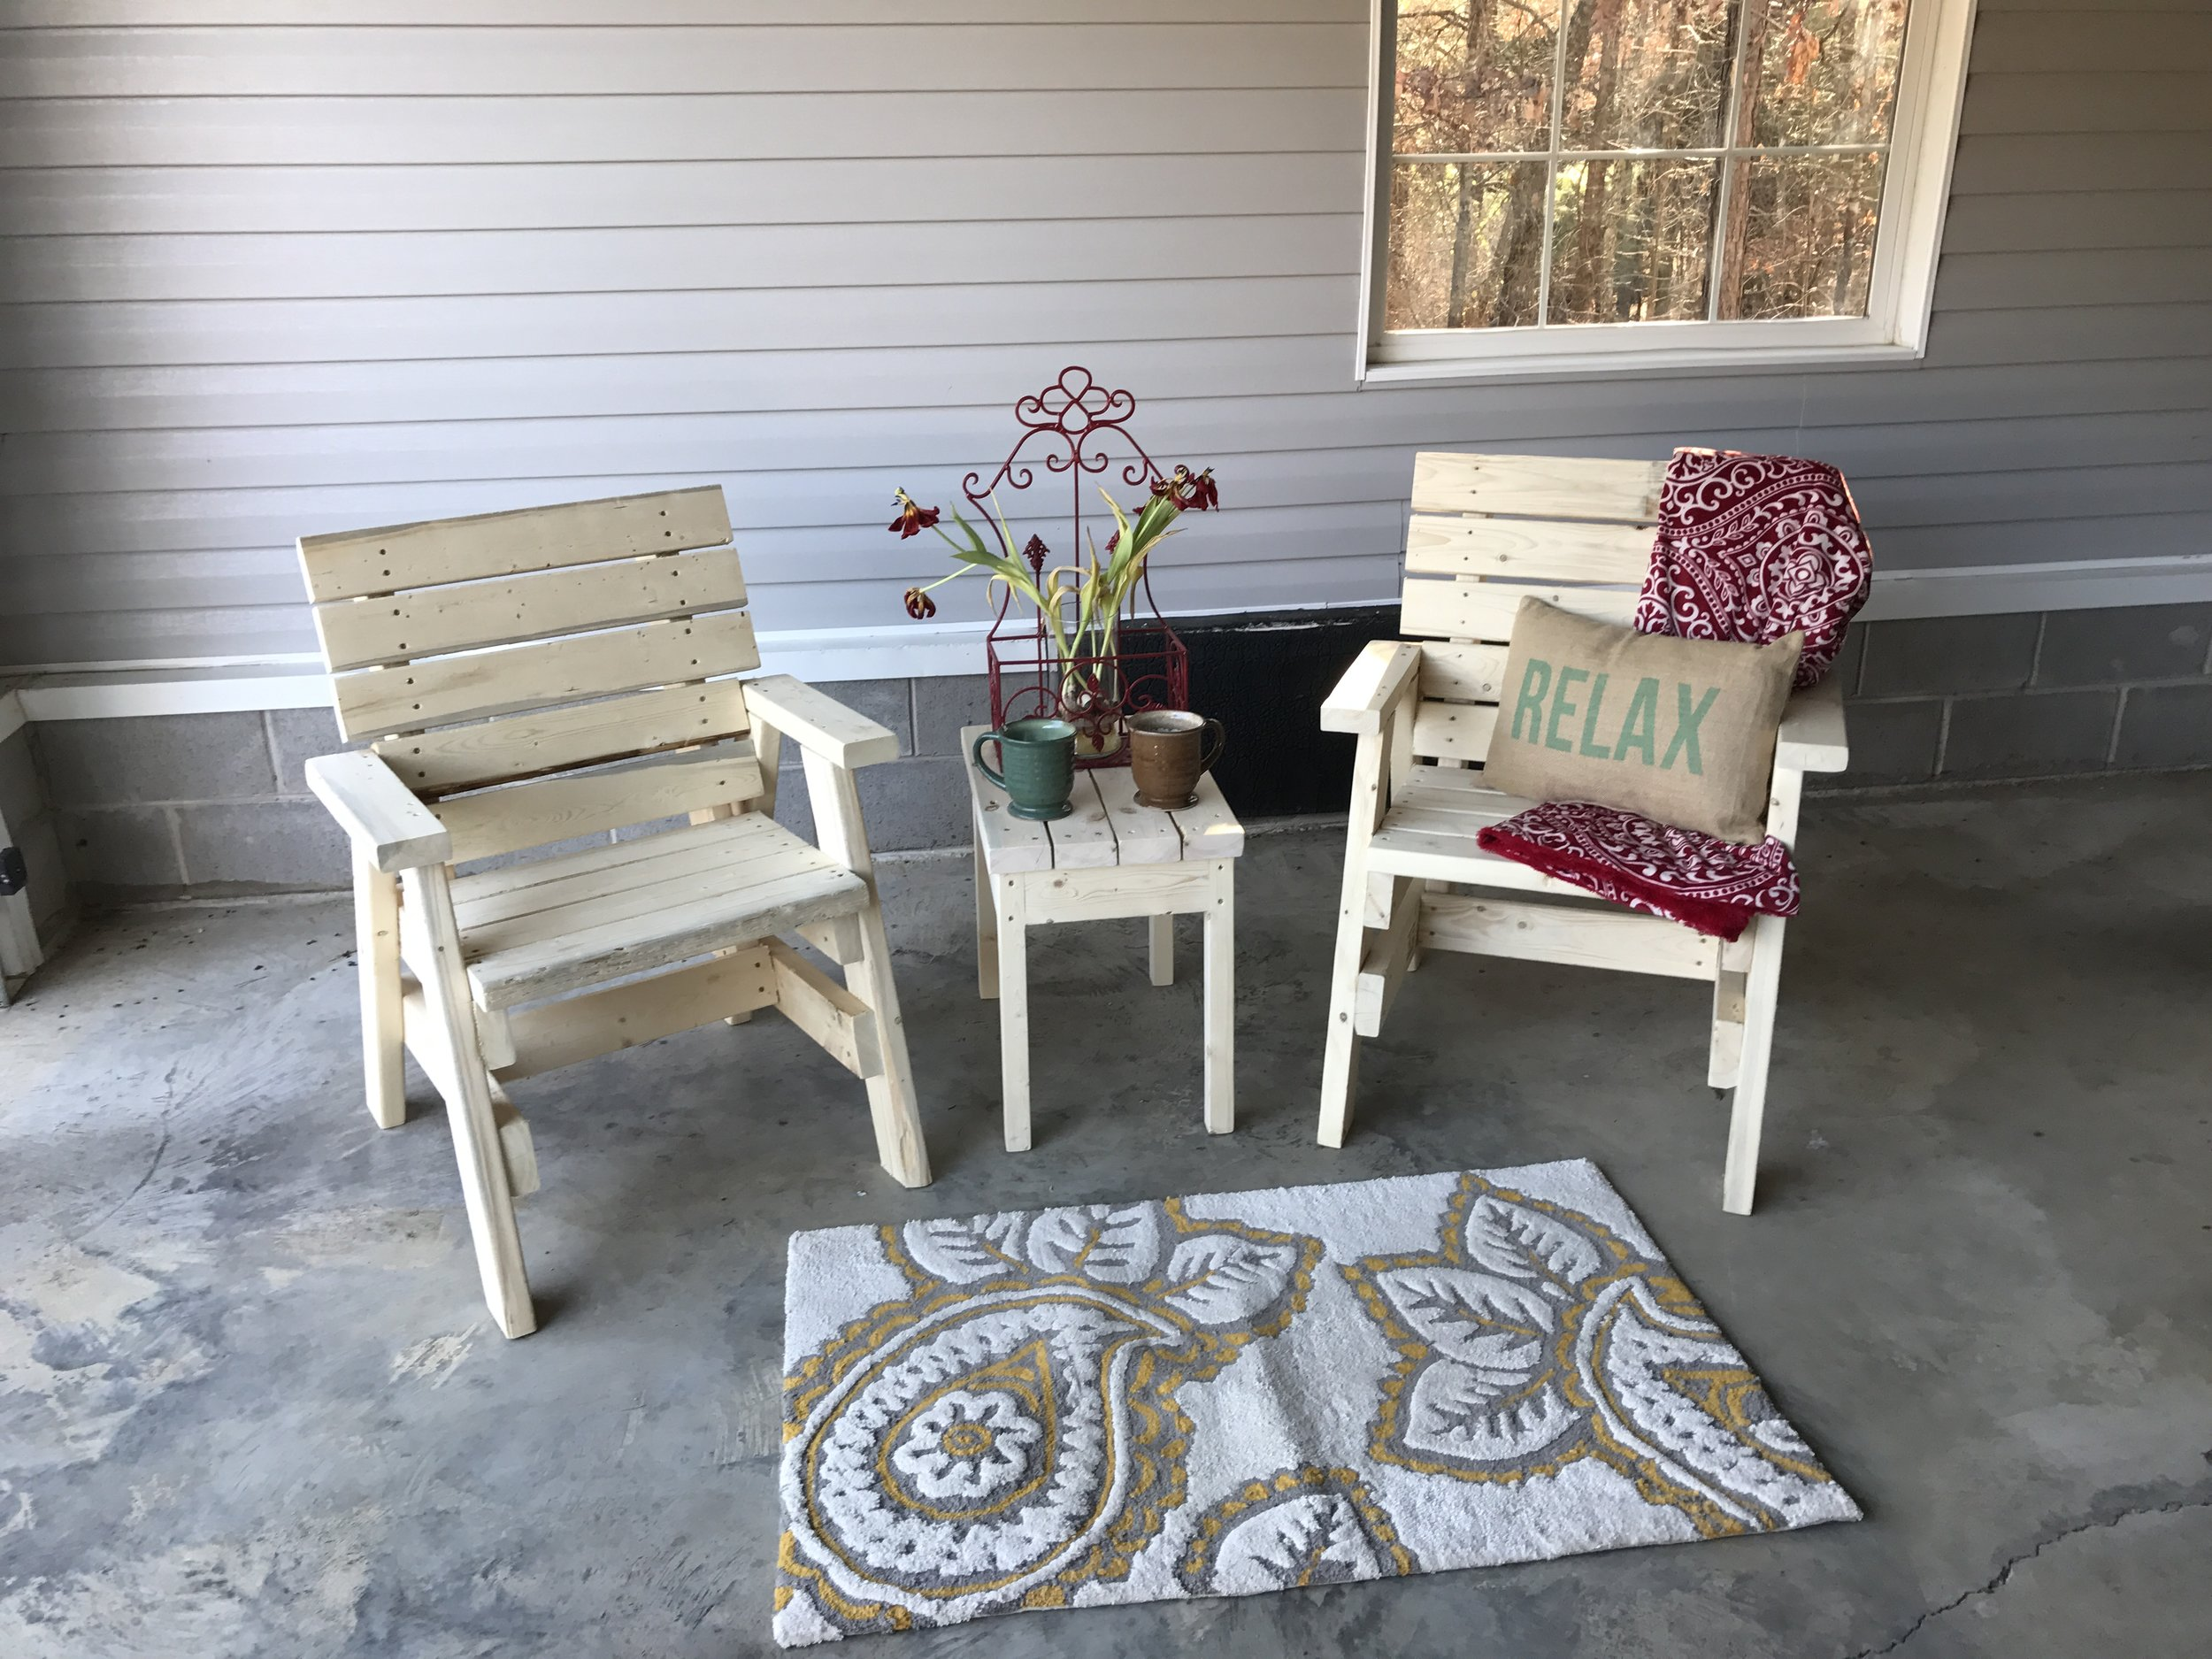 outdoorchair.JPG